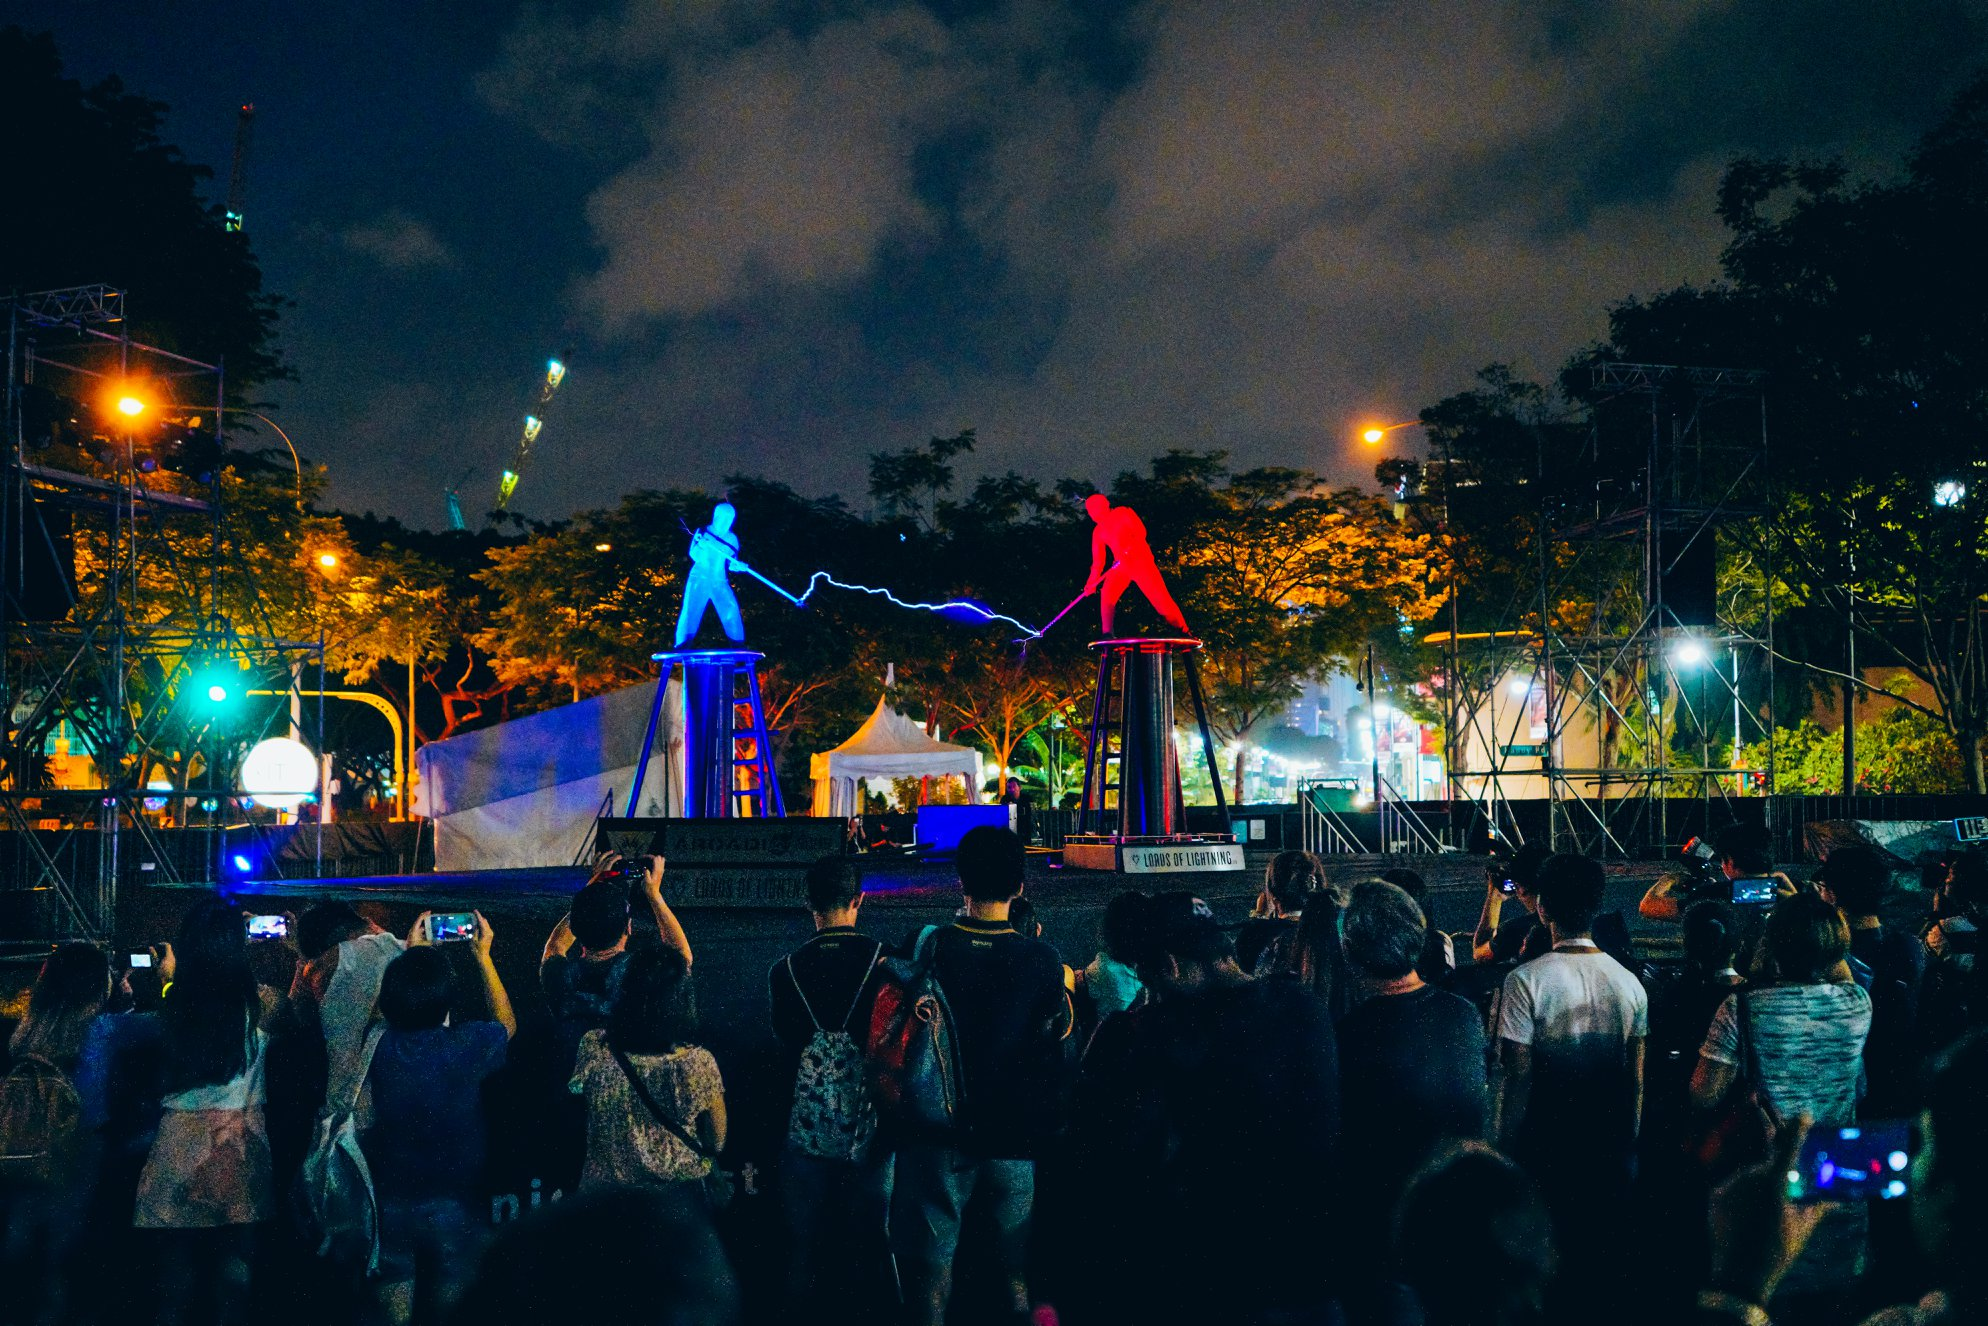 Photo courtesy: Singapore Night Festival